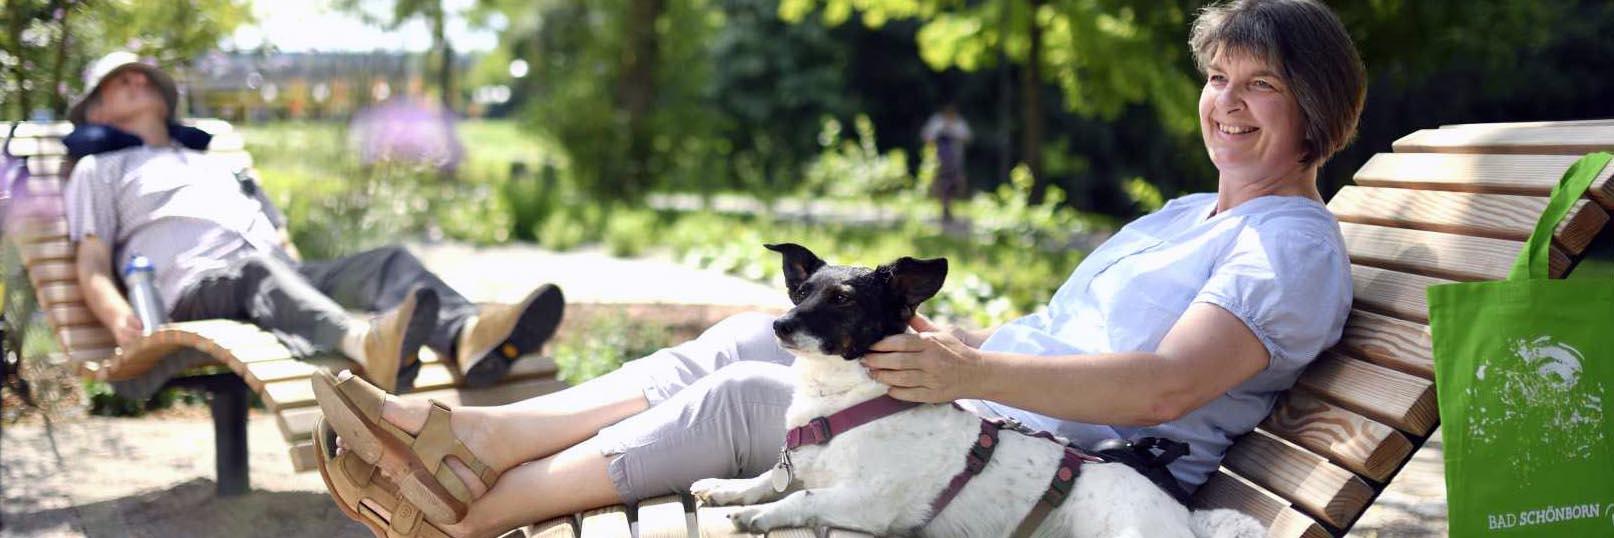 Frau und Mann mit Hund auf einer Liege im Sole-Aktiv Park Bad Schönborn